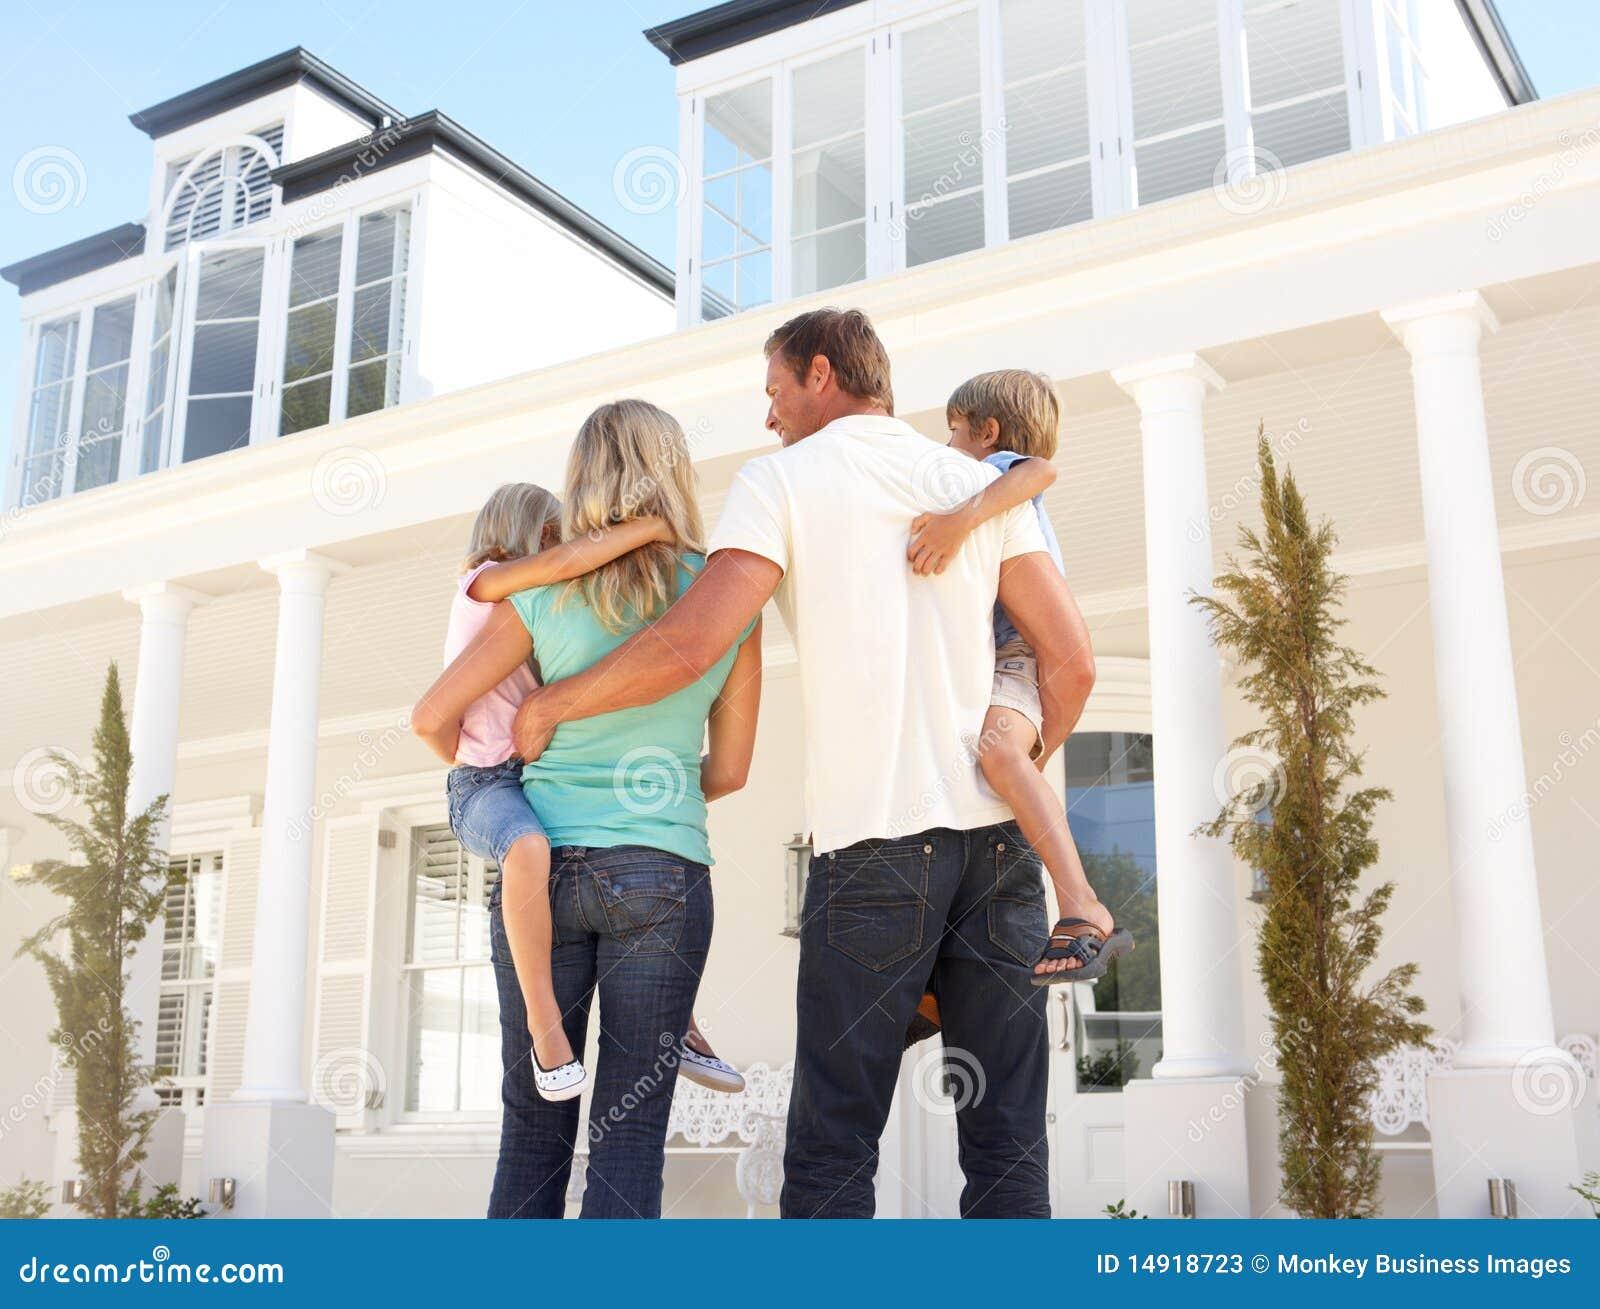 梦想房子外部常设年轻人